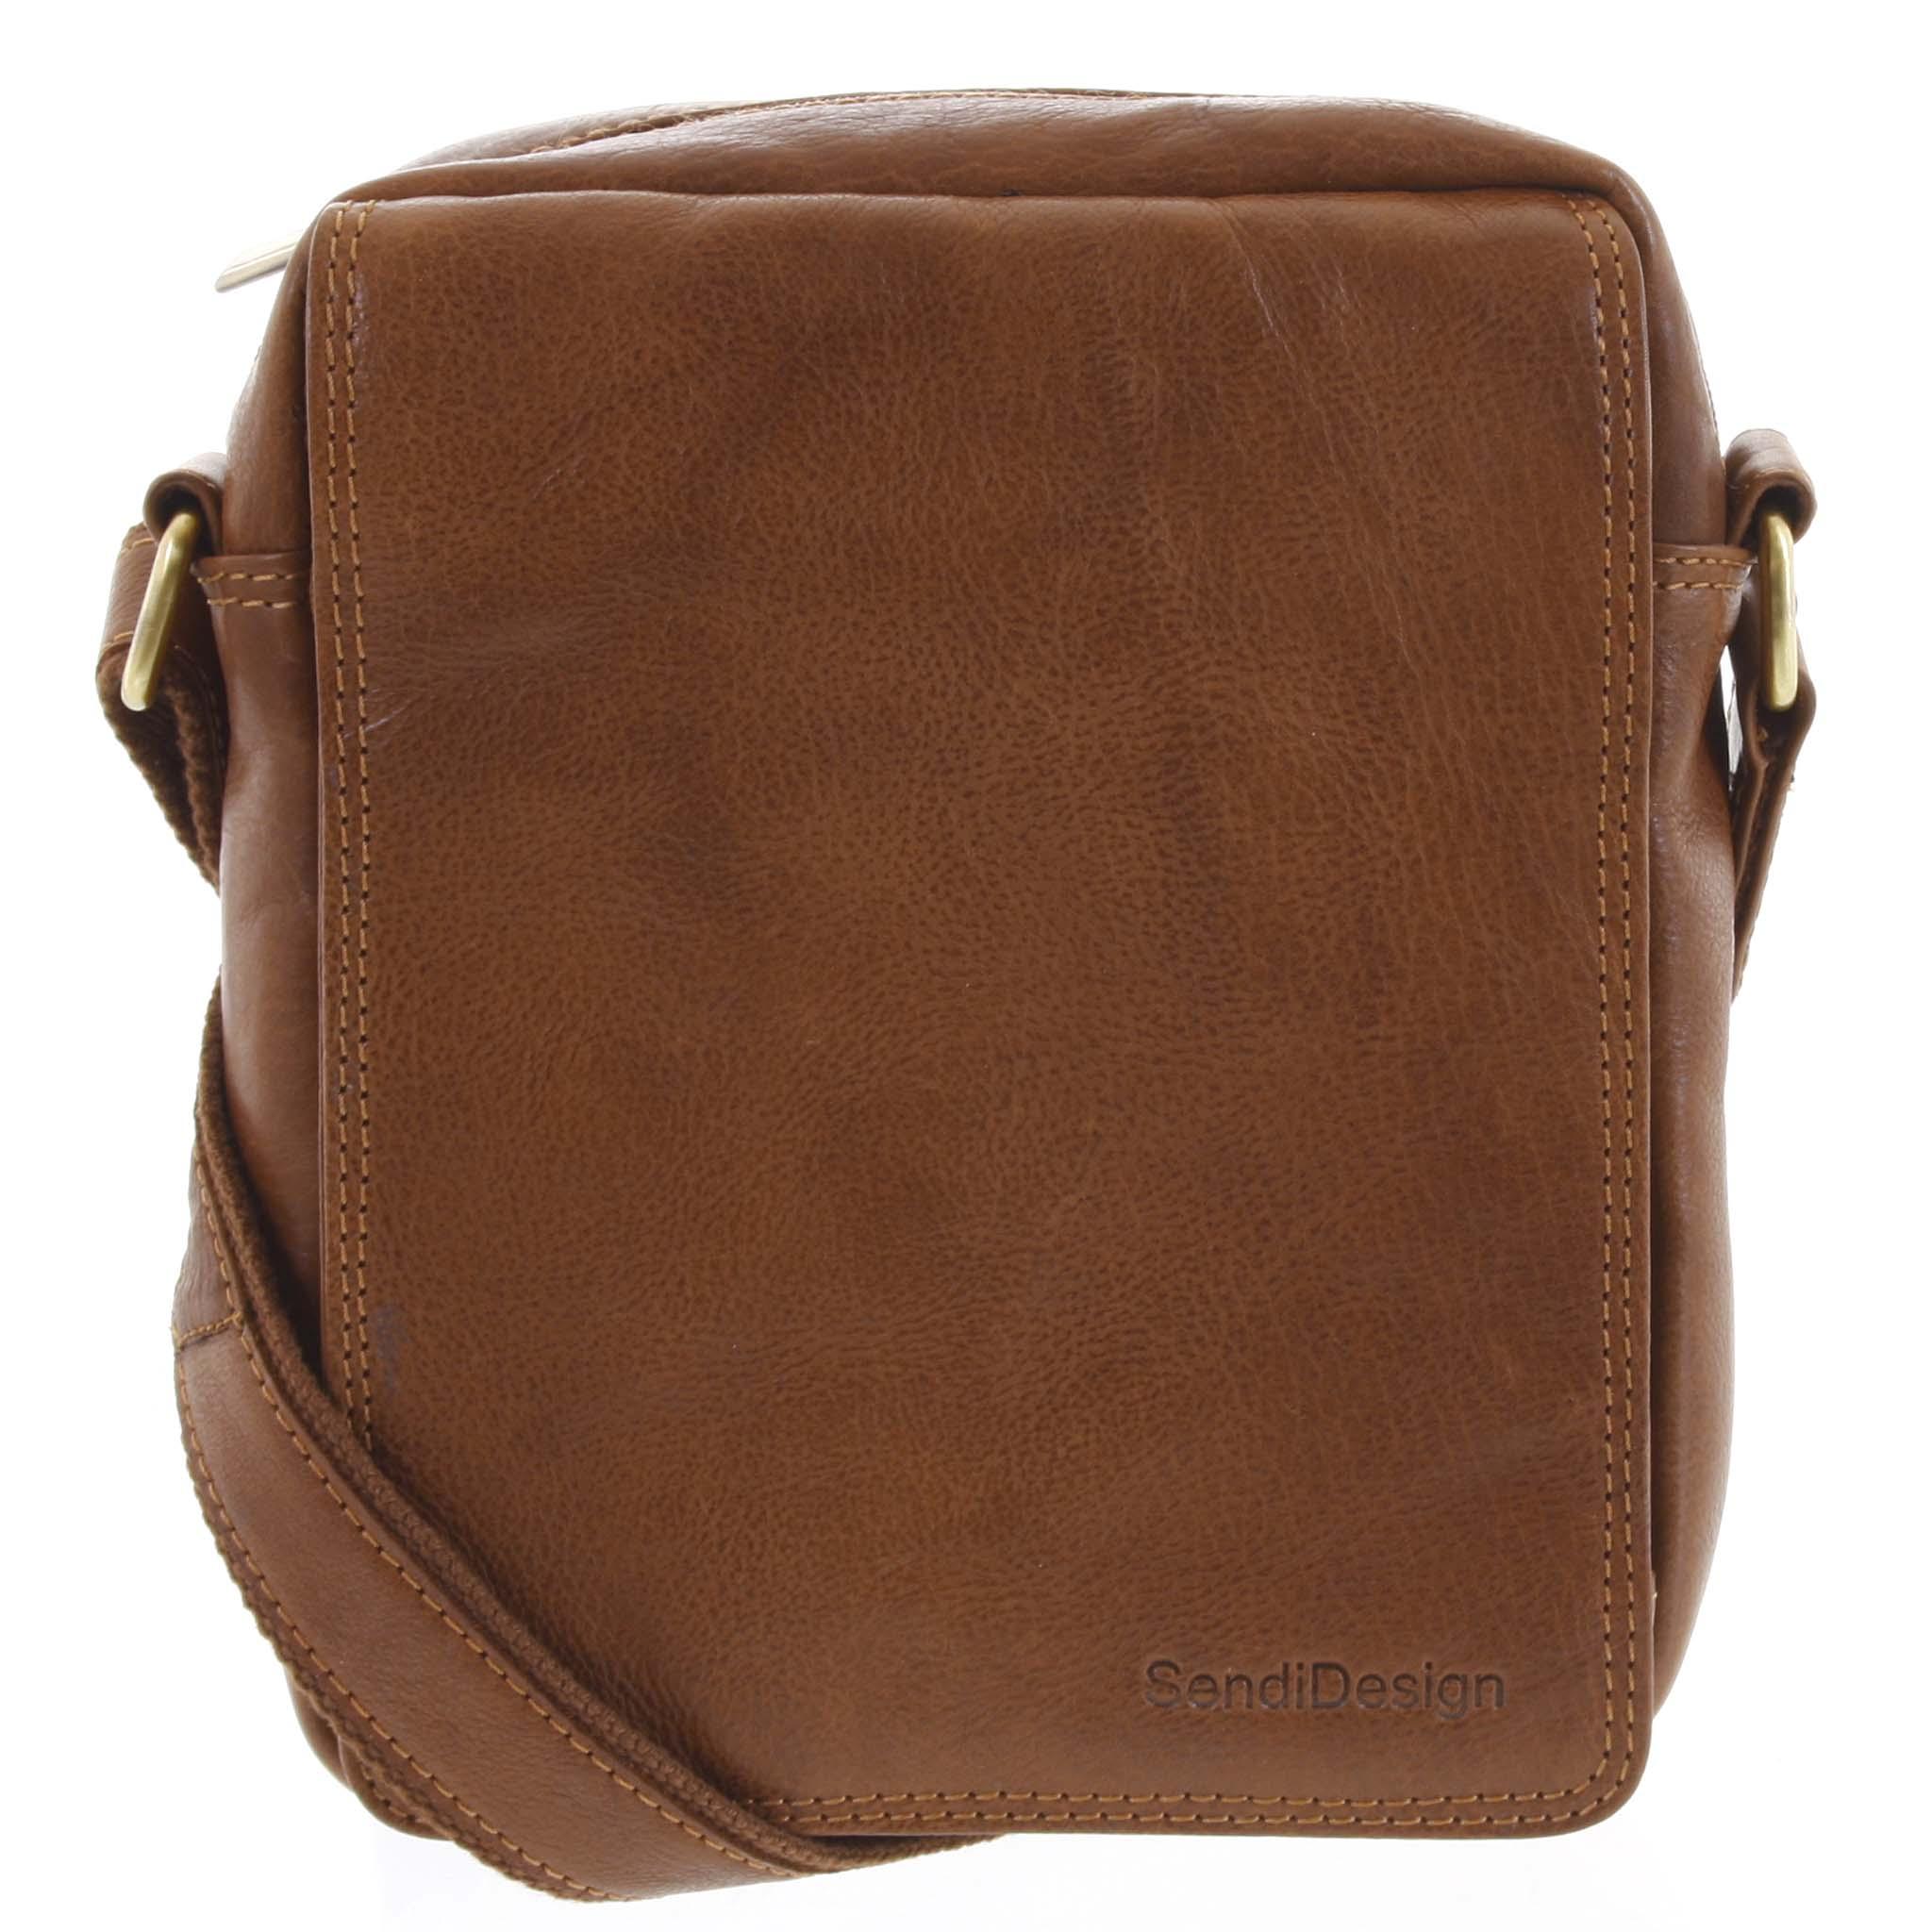 Pánska kožená taška hnedá - SendiDesign Lorem